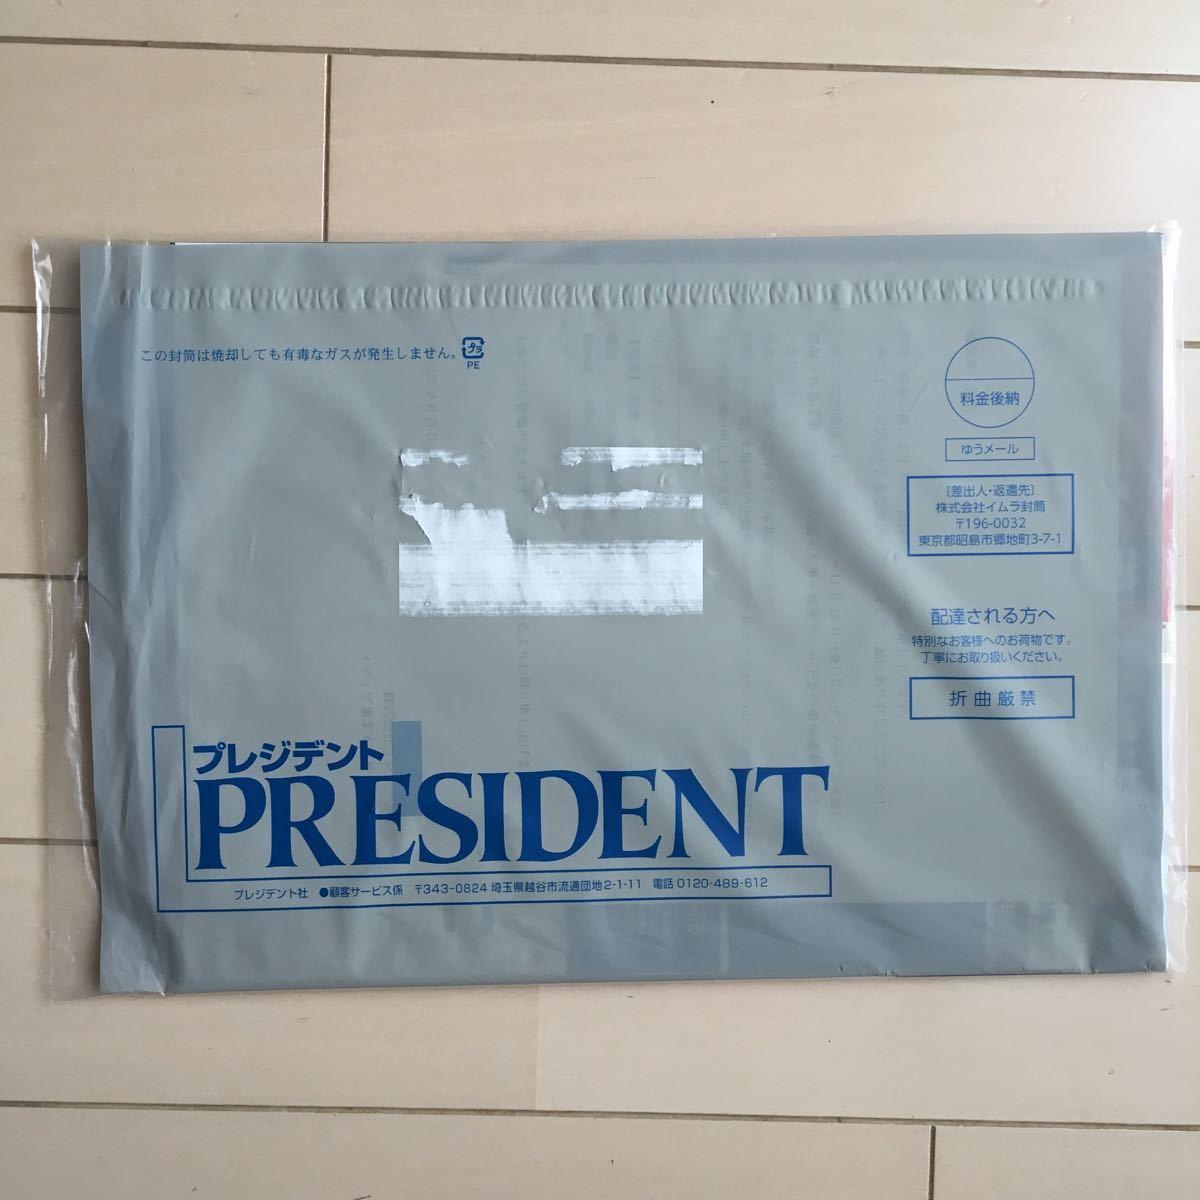 プレジデント president 2019.10.4 定価 750円